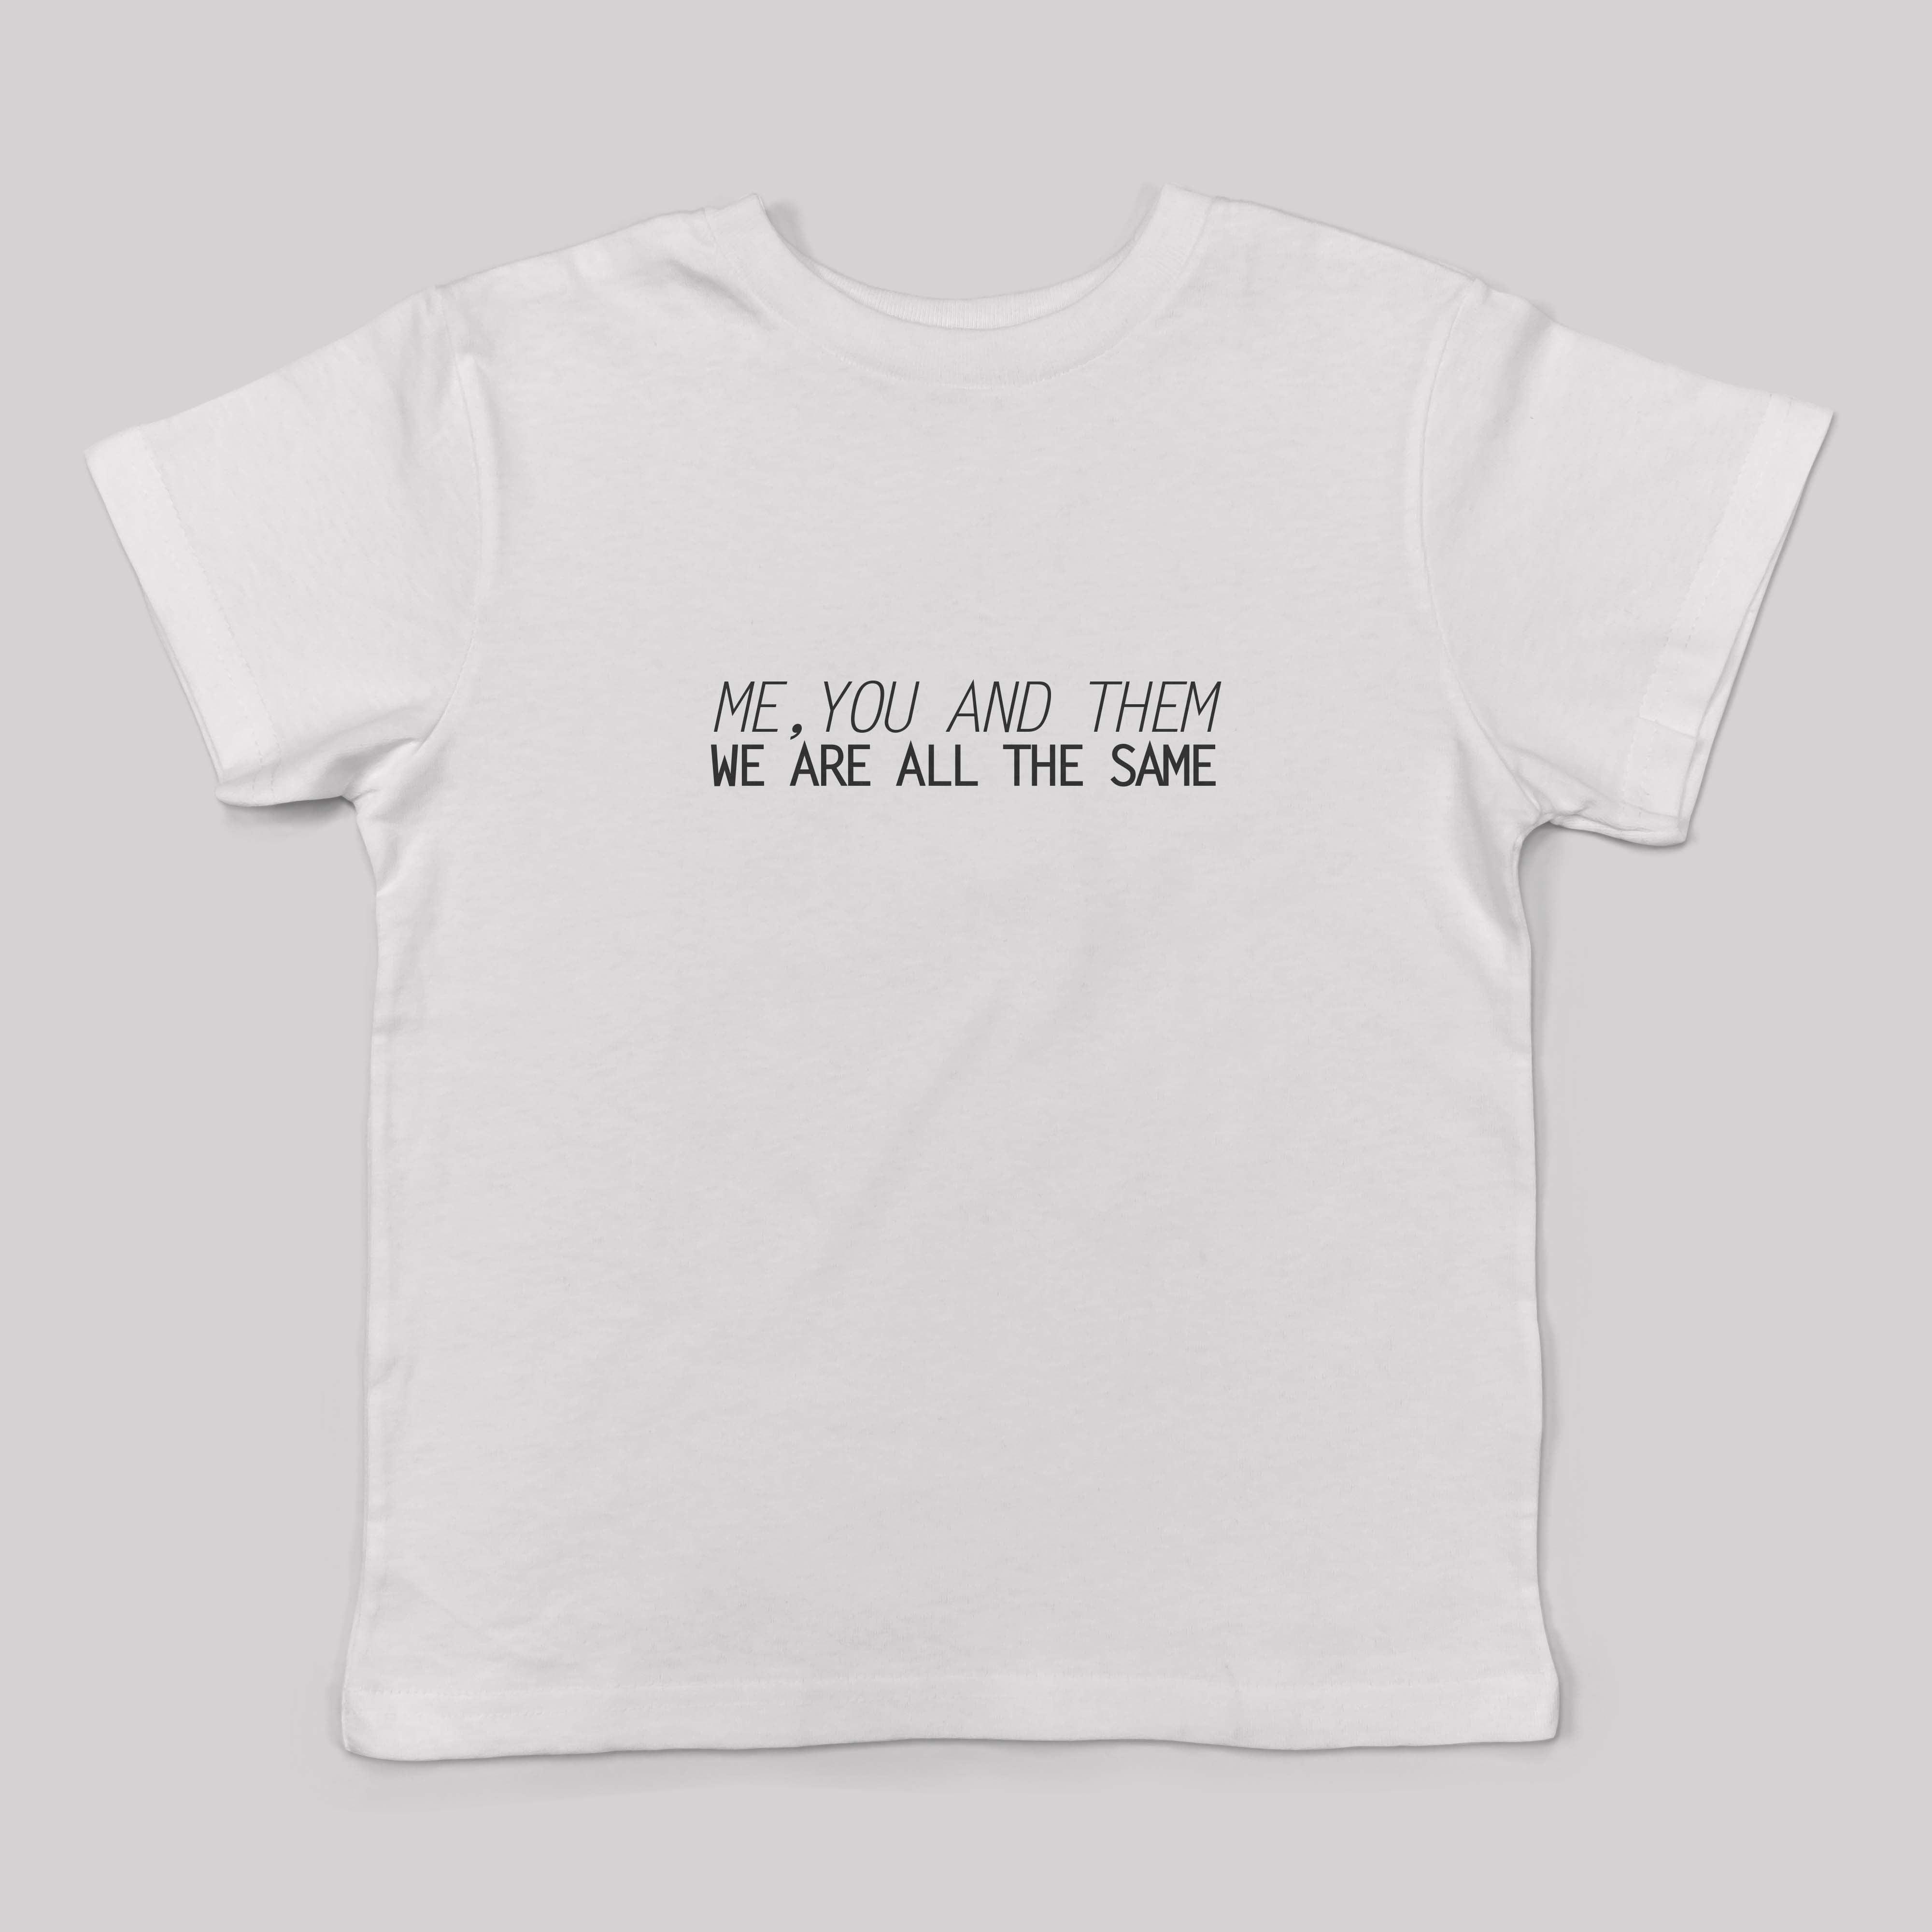 חולצת טי שירט יוניסקס me you and them